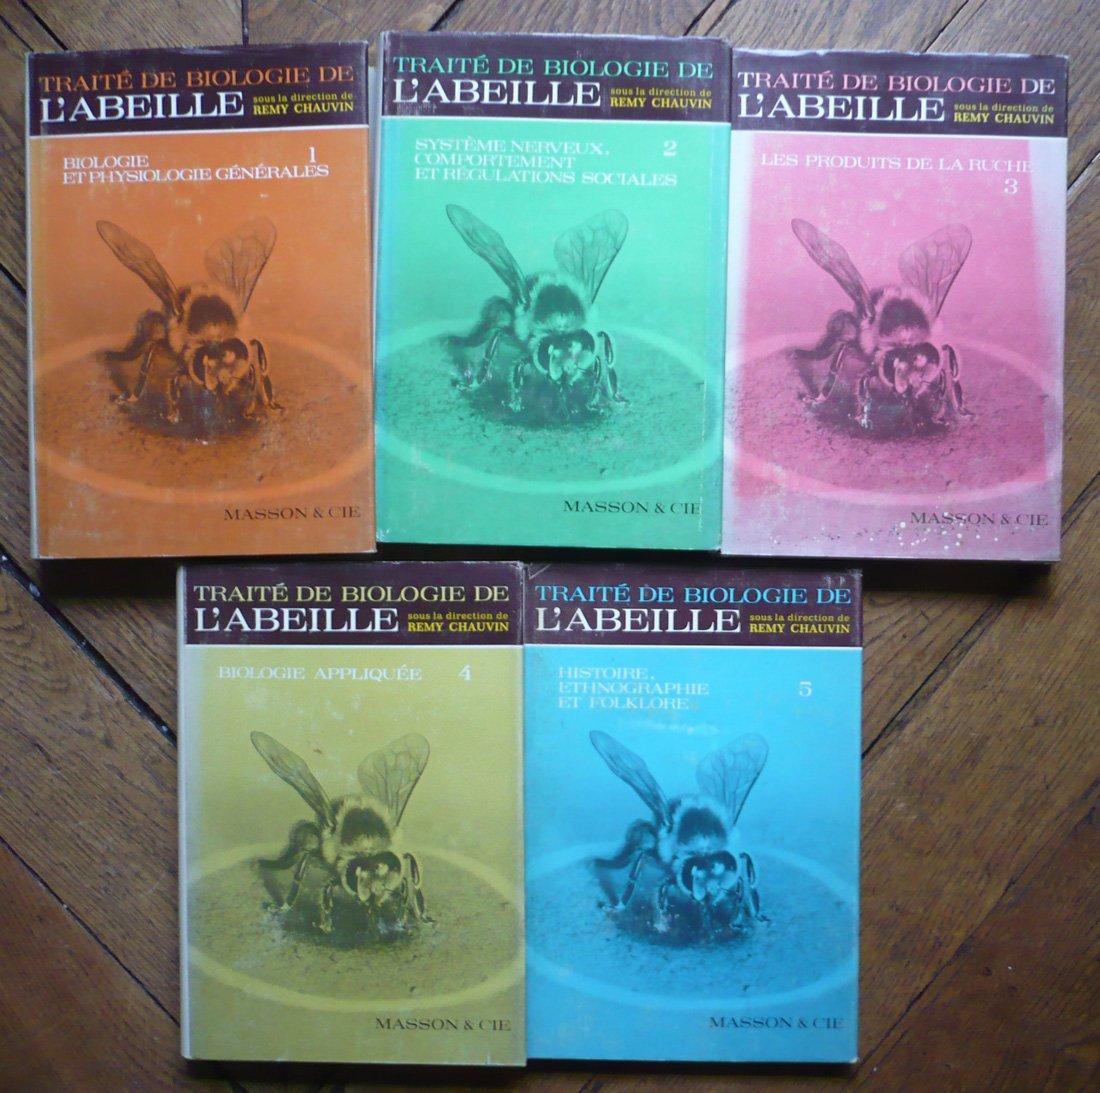 C9-10-11-12 Traite de biologie de labeille - Chauvin